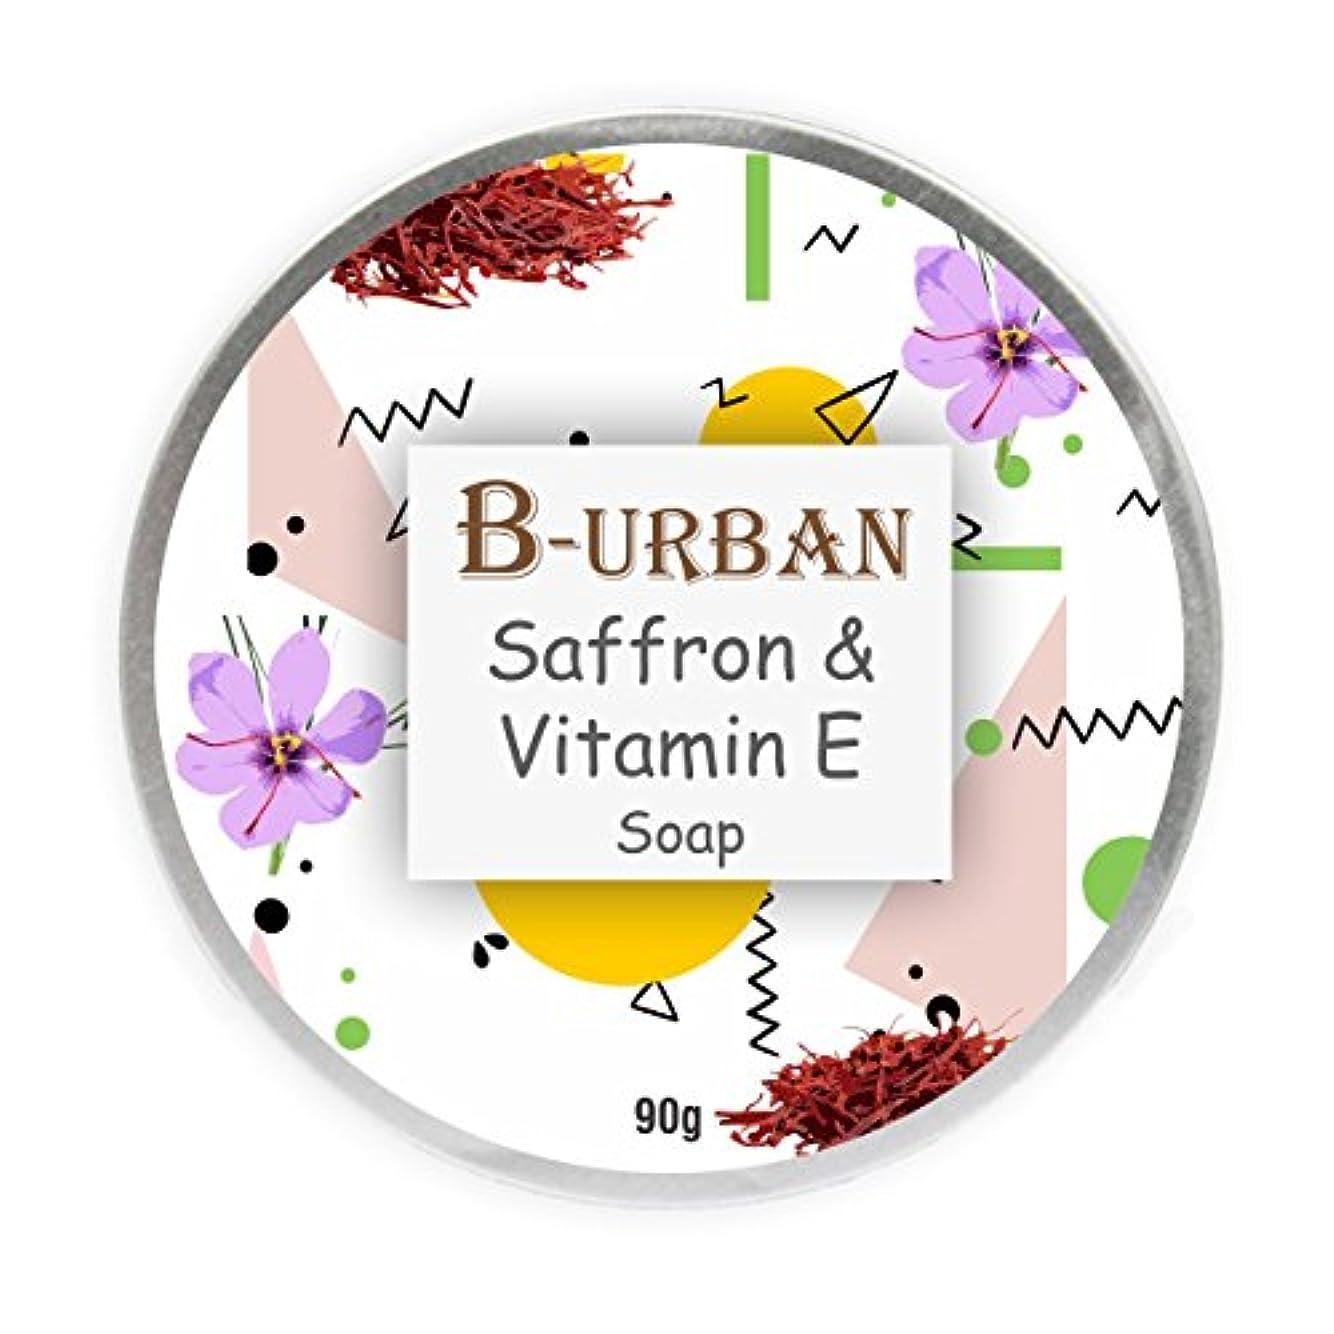 反対した指エンジニアリングB-URBAN SAFFRON & VITAMIN E SOAP MADE WITH NATURAL AND ORGANIC INGREDIENTS. PARABEN AND SULPHATE FREE. SOAP FOR...